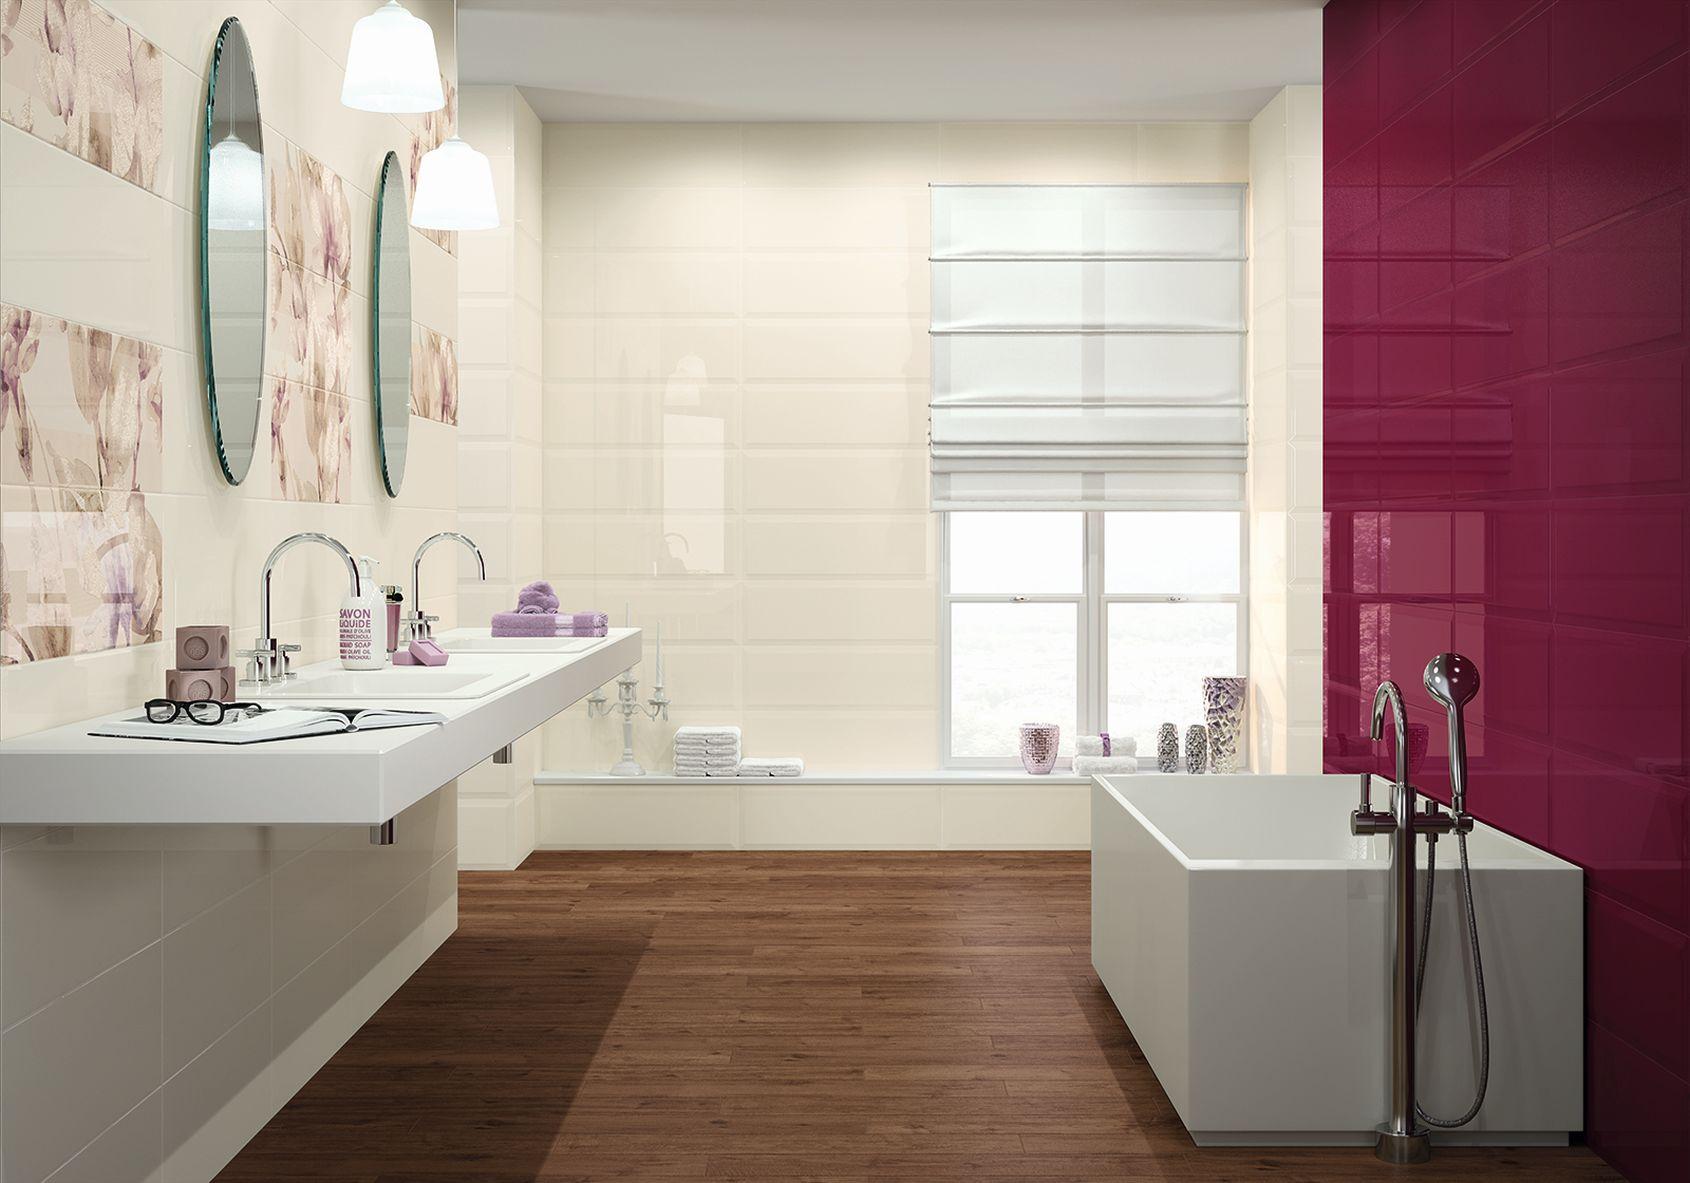 Revestimientos para cocina ba o ducha marazzi - Revestimientos para duchas ...